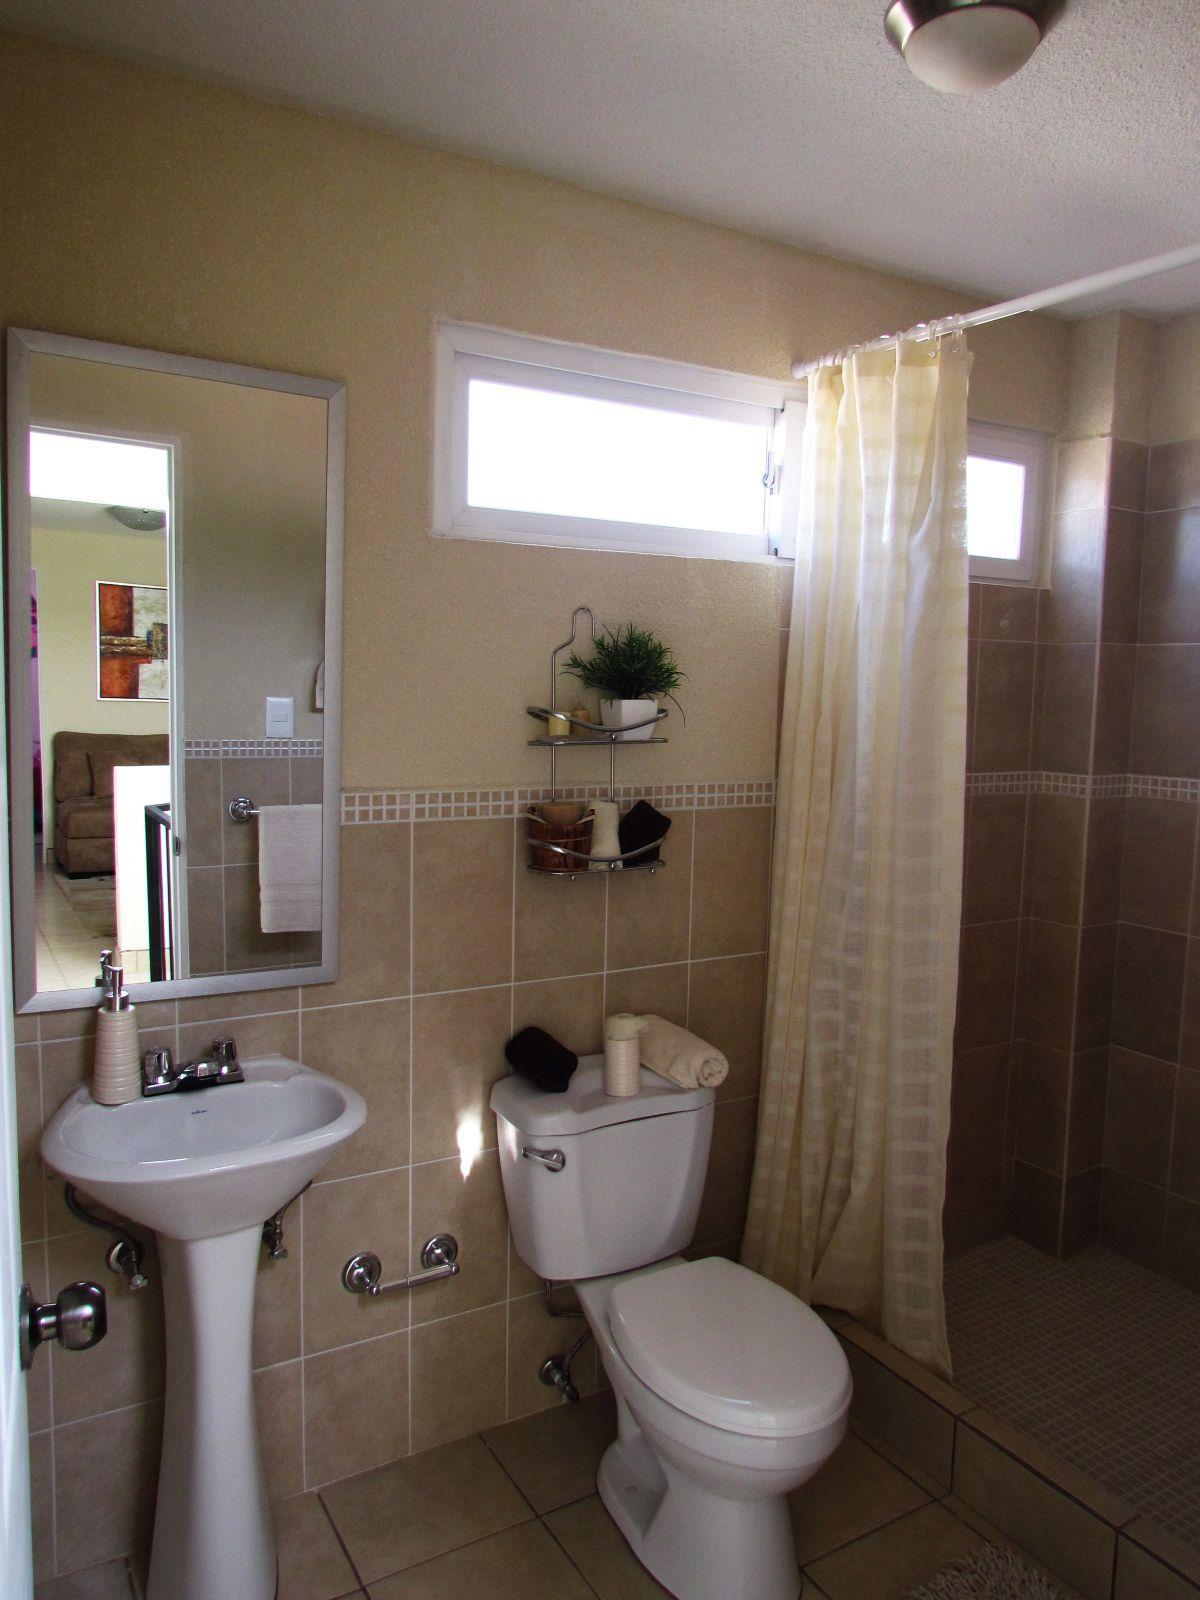 Ba o principal casa modelo ca adas del carmen ba os for Modelos de duchas modernas